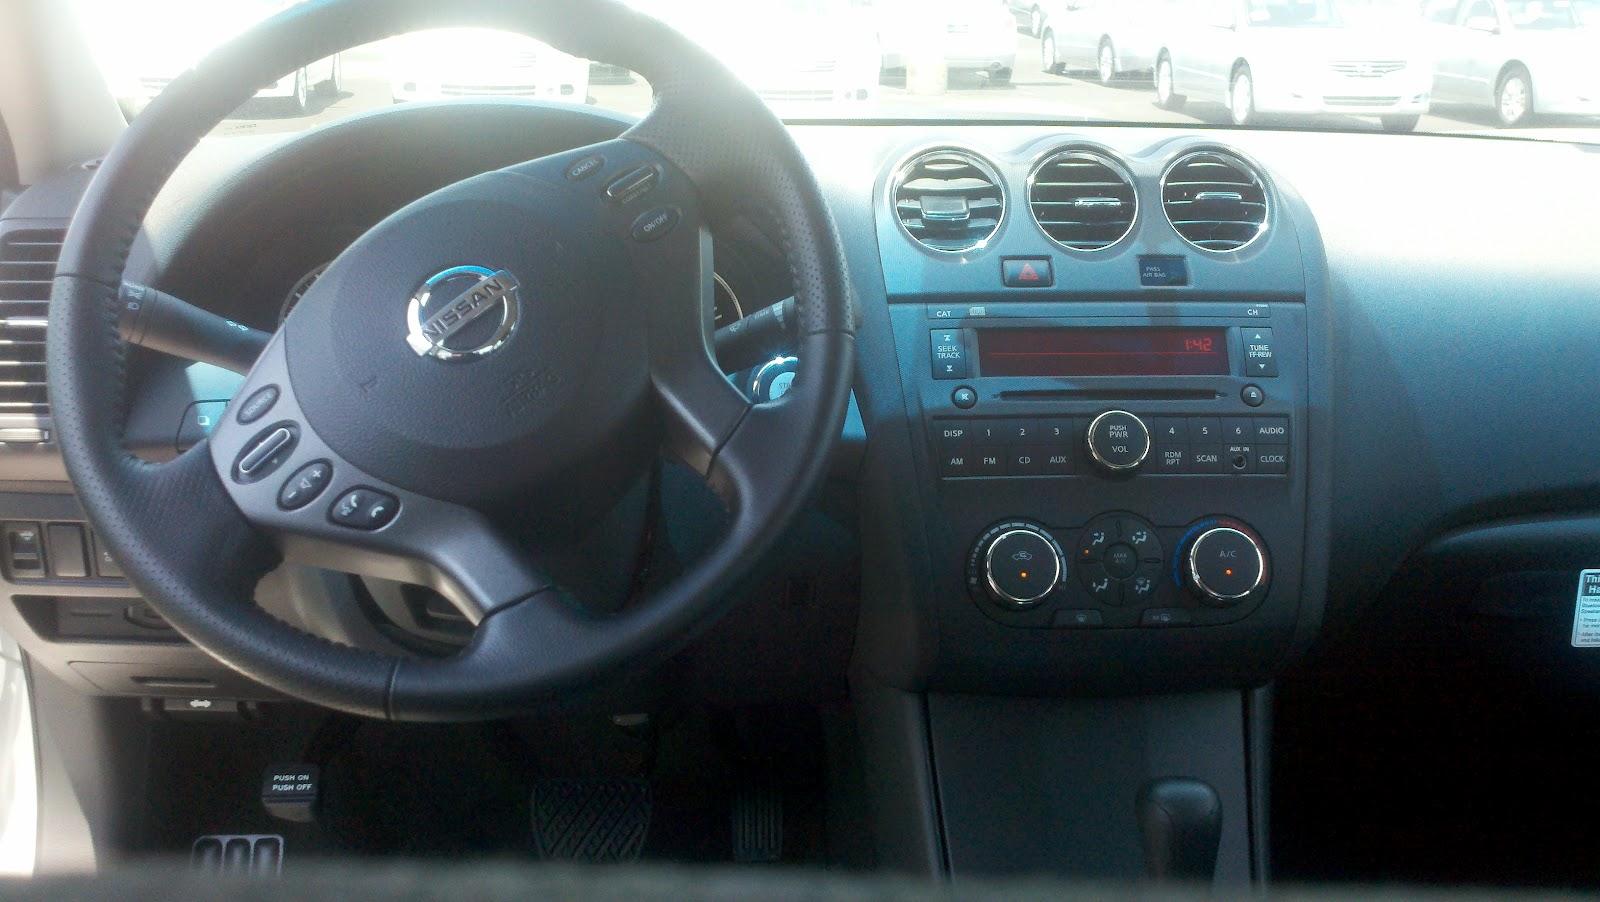 Nissan Altima: NISSAN Intelligent Key